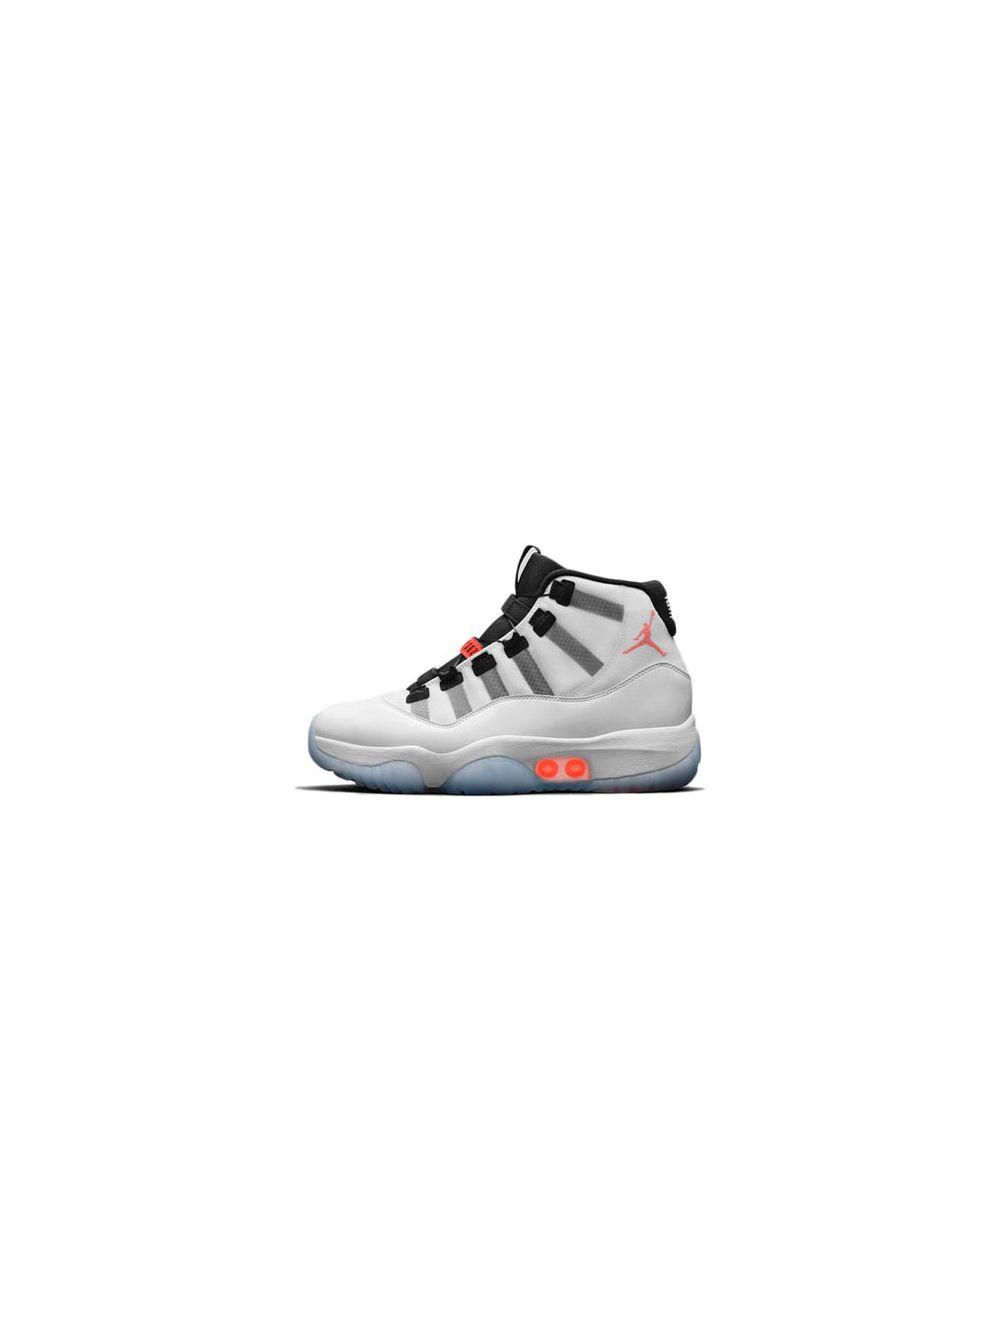 Fake Jordan 11 Adapt White